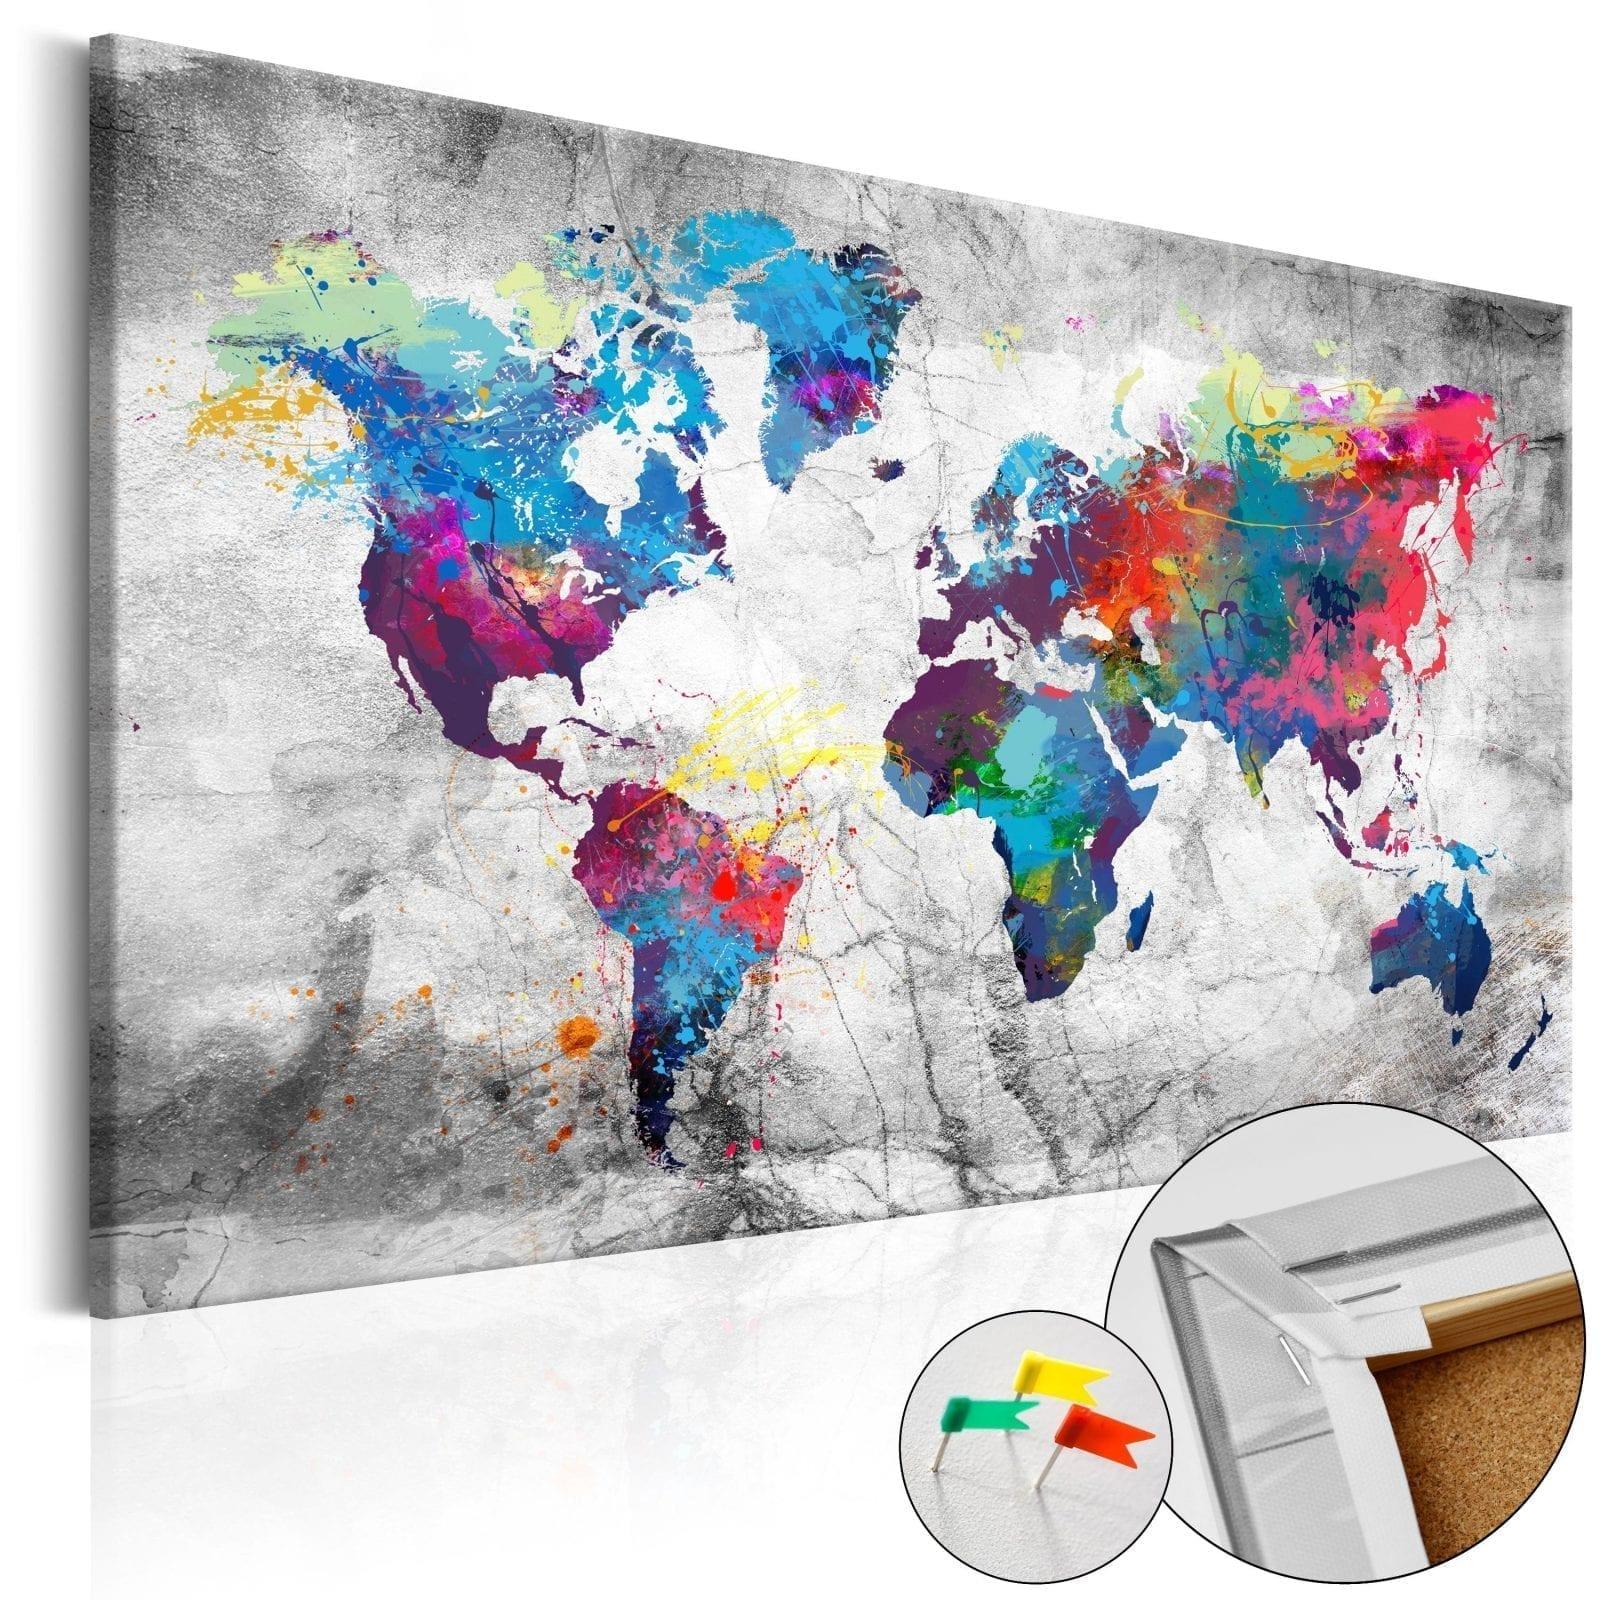 Tablero de corcho - World Map: Grey Style 1 | Potspintura.com